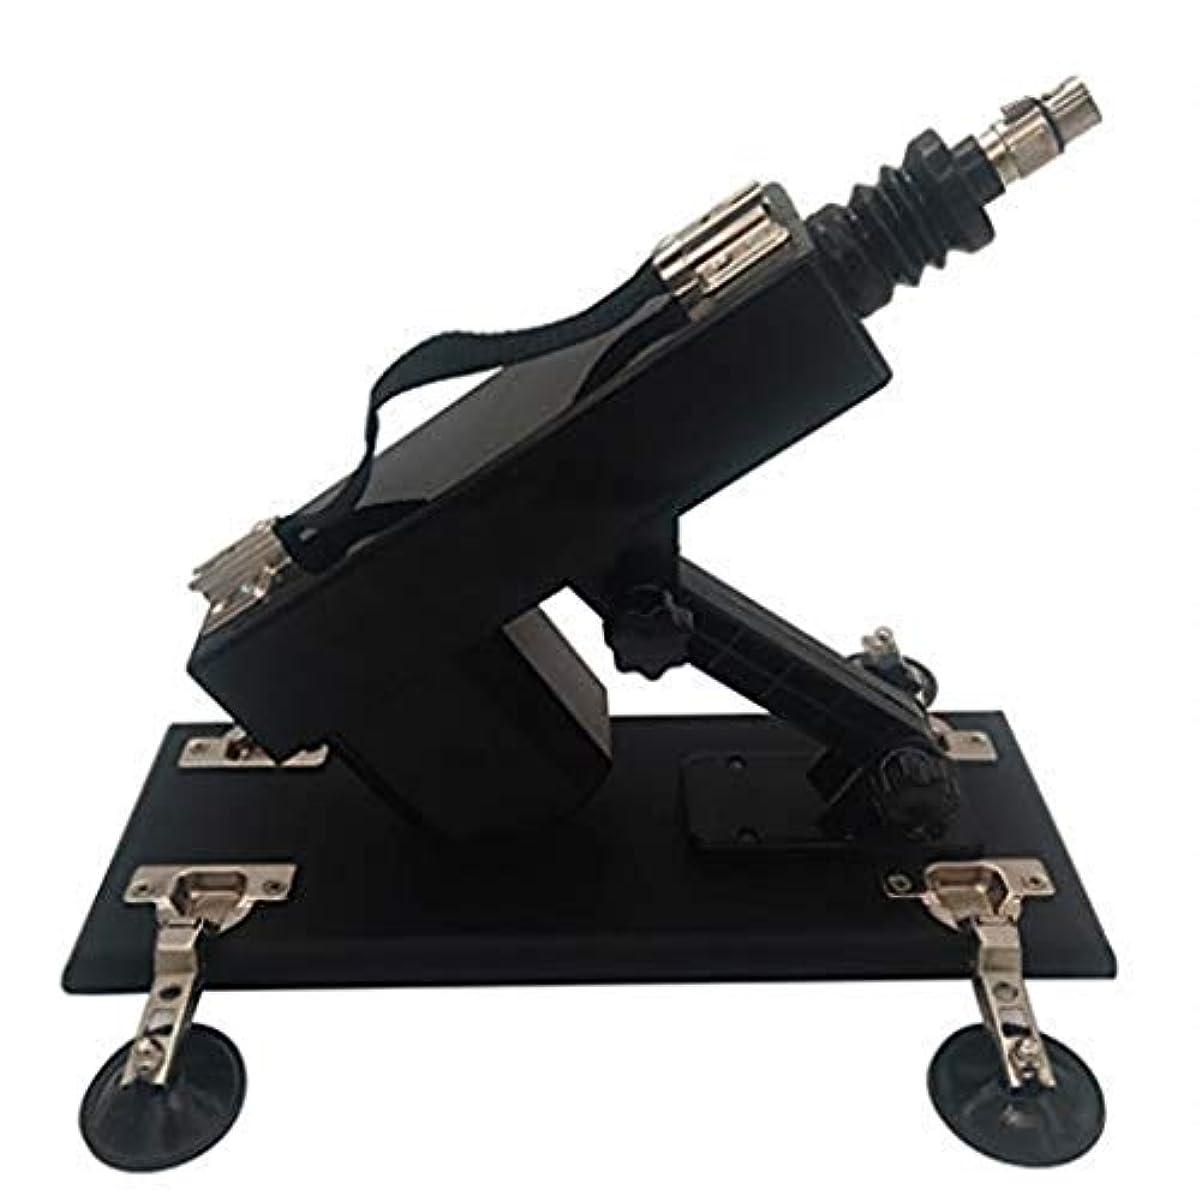 伝染性忘れる永久Risareyi 電気格納式マルチスピードマシンマルチスピード調整可能な大人のマシンのおもちゃボディリラクゼーションデバイススリーブ